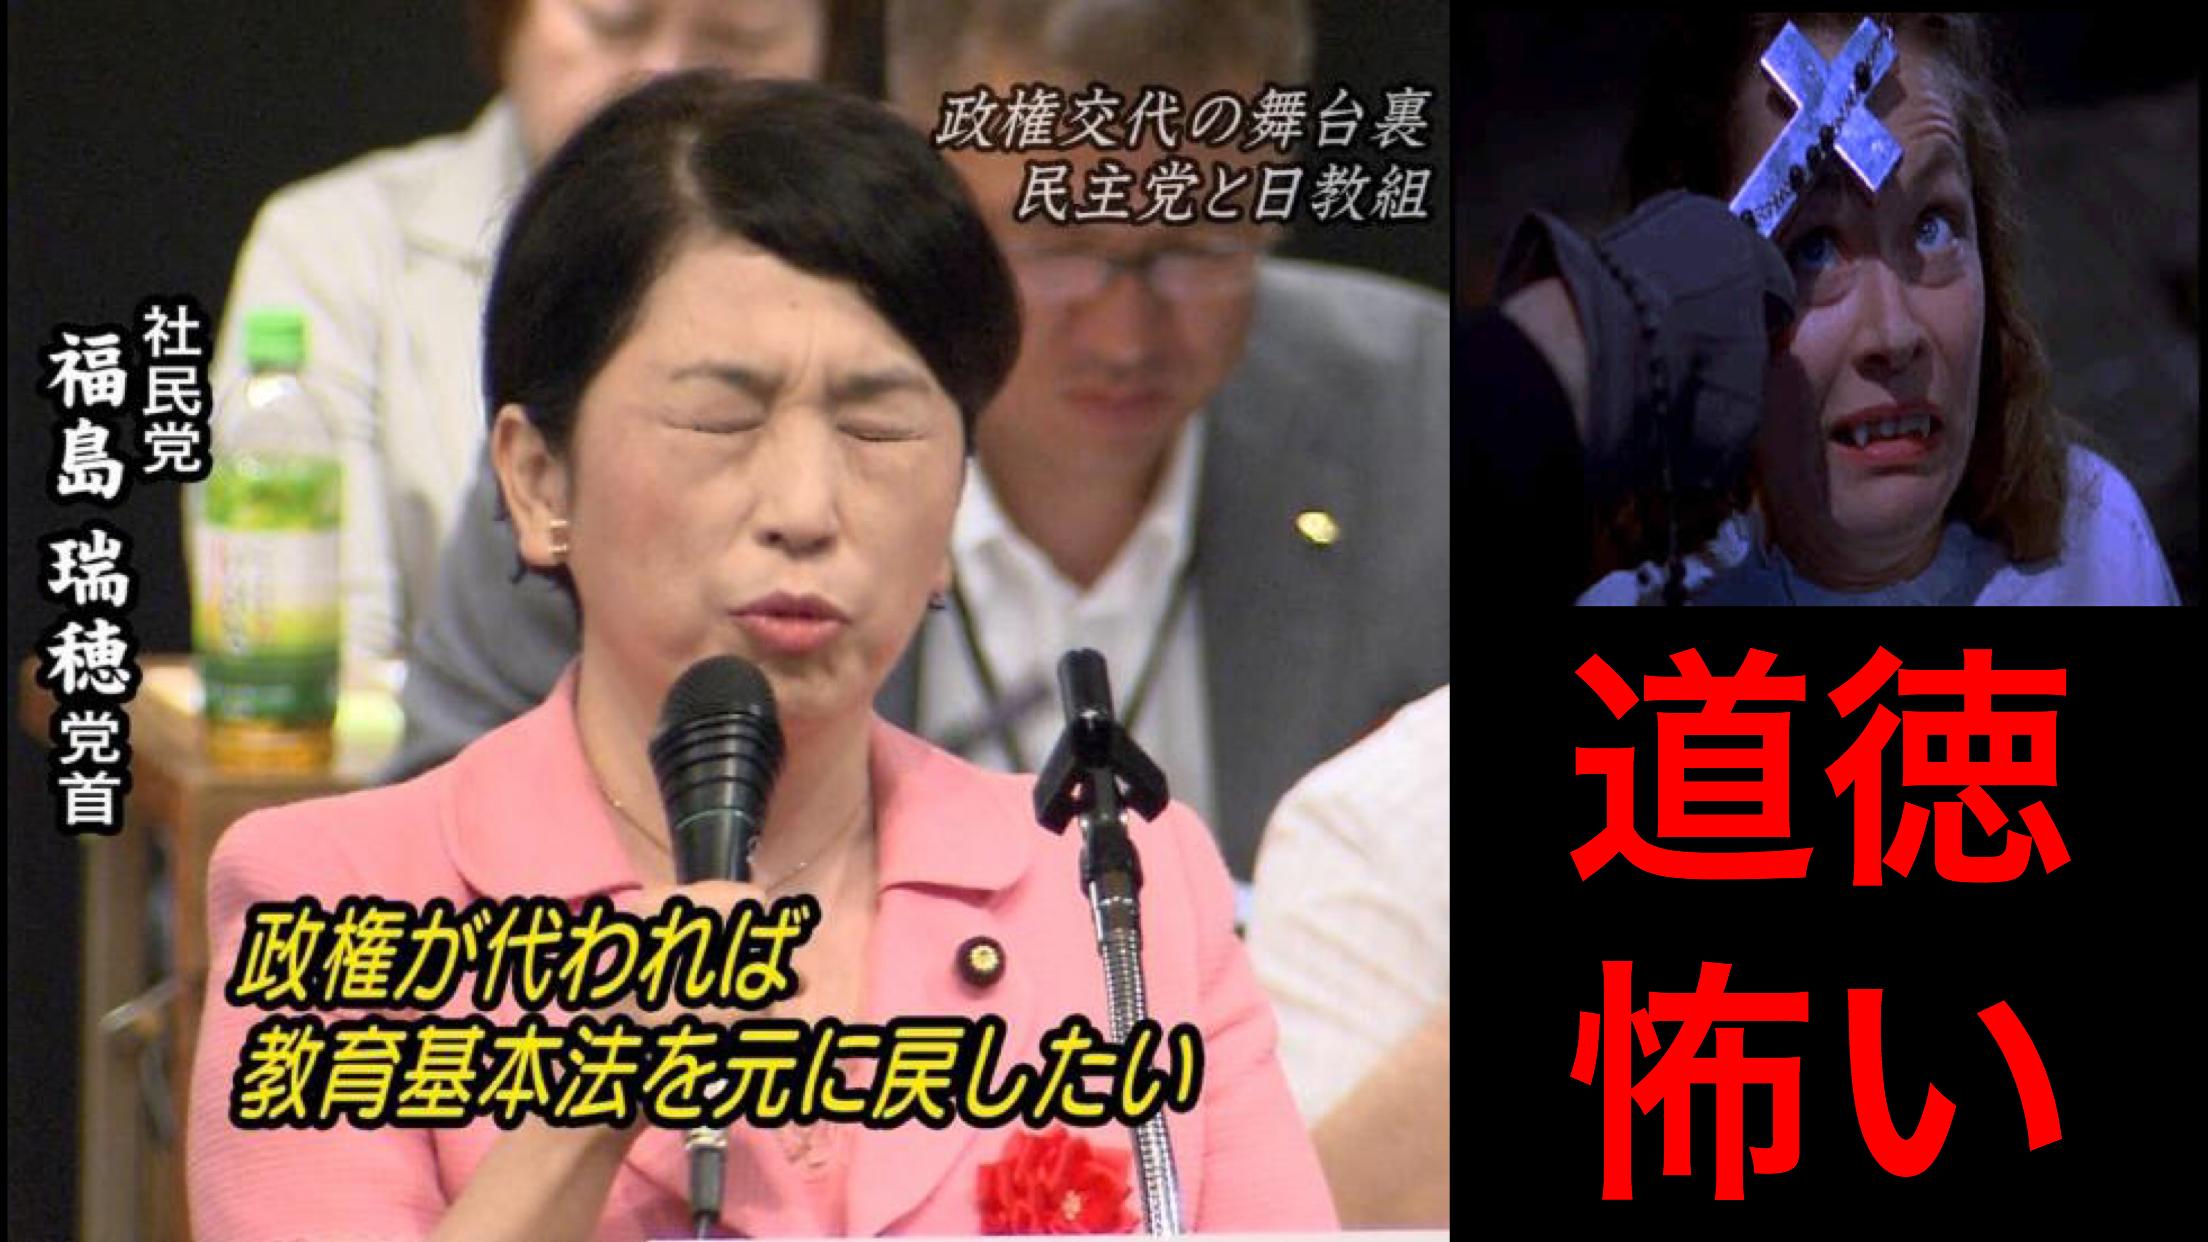 福島瑞穂にとって道徳教育は悪魔に十字架